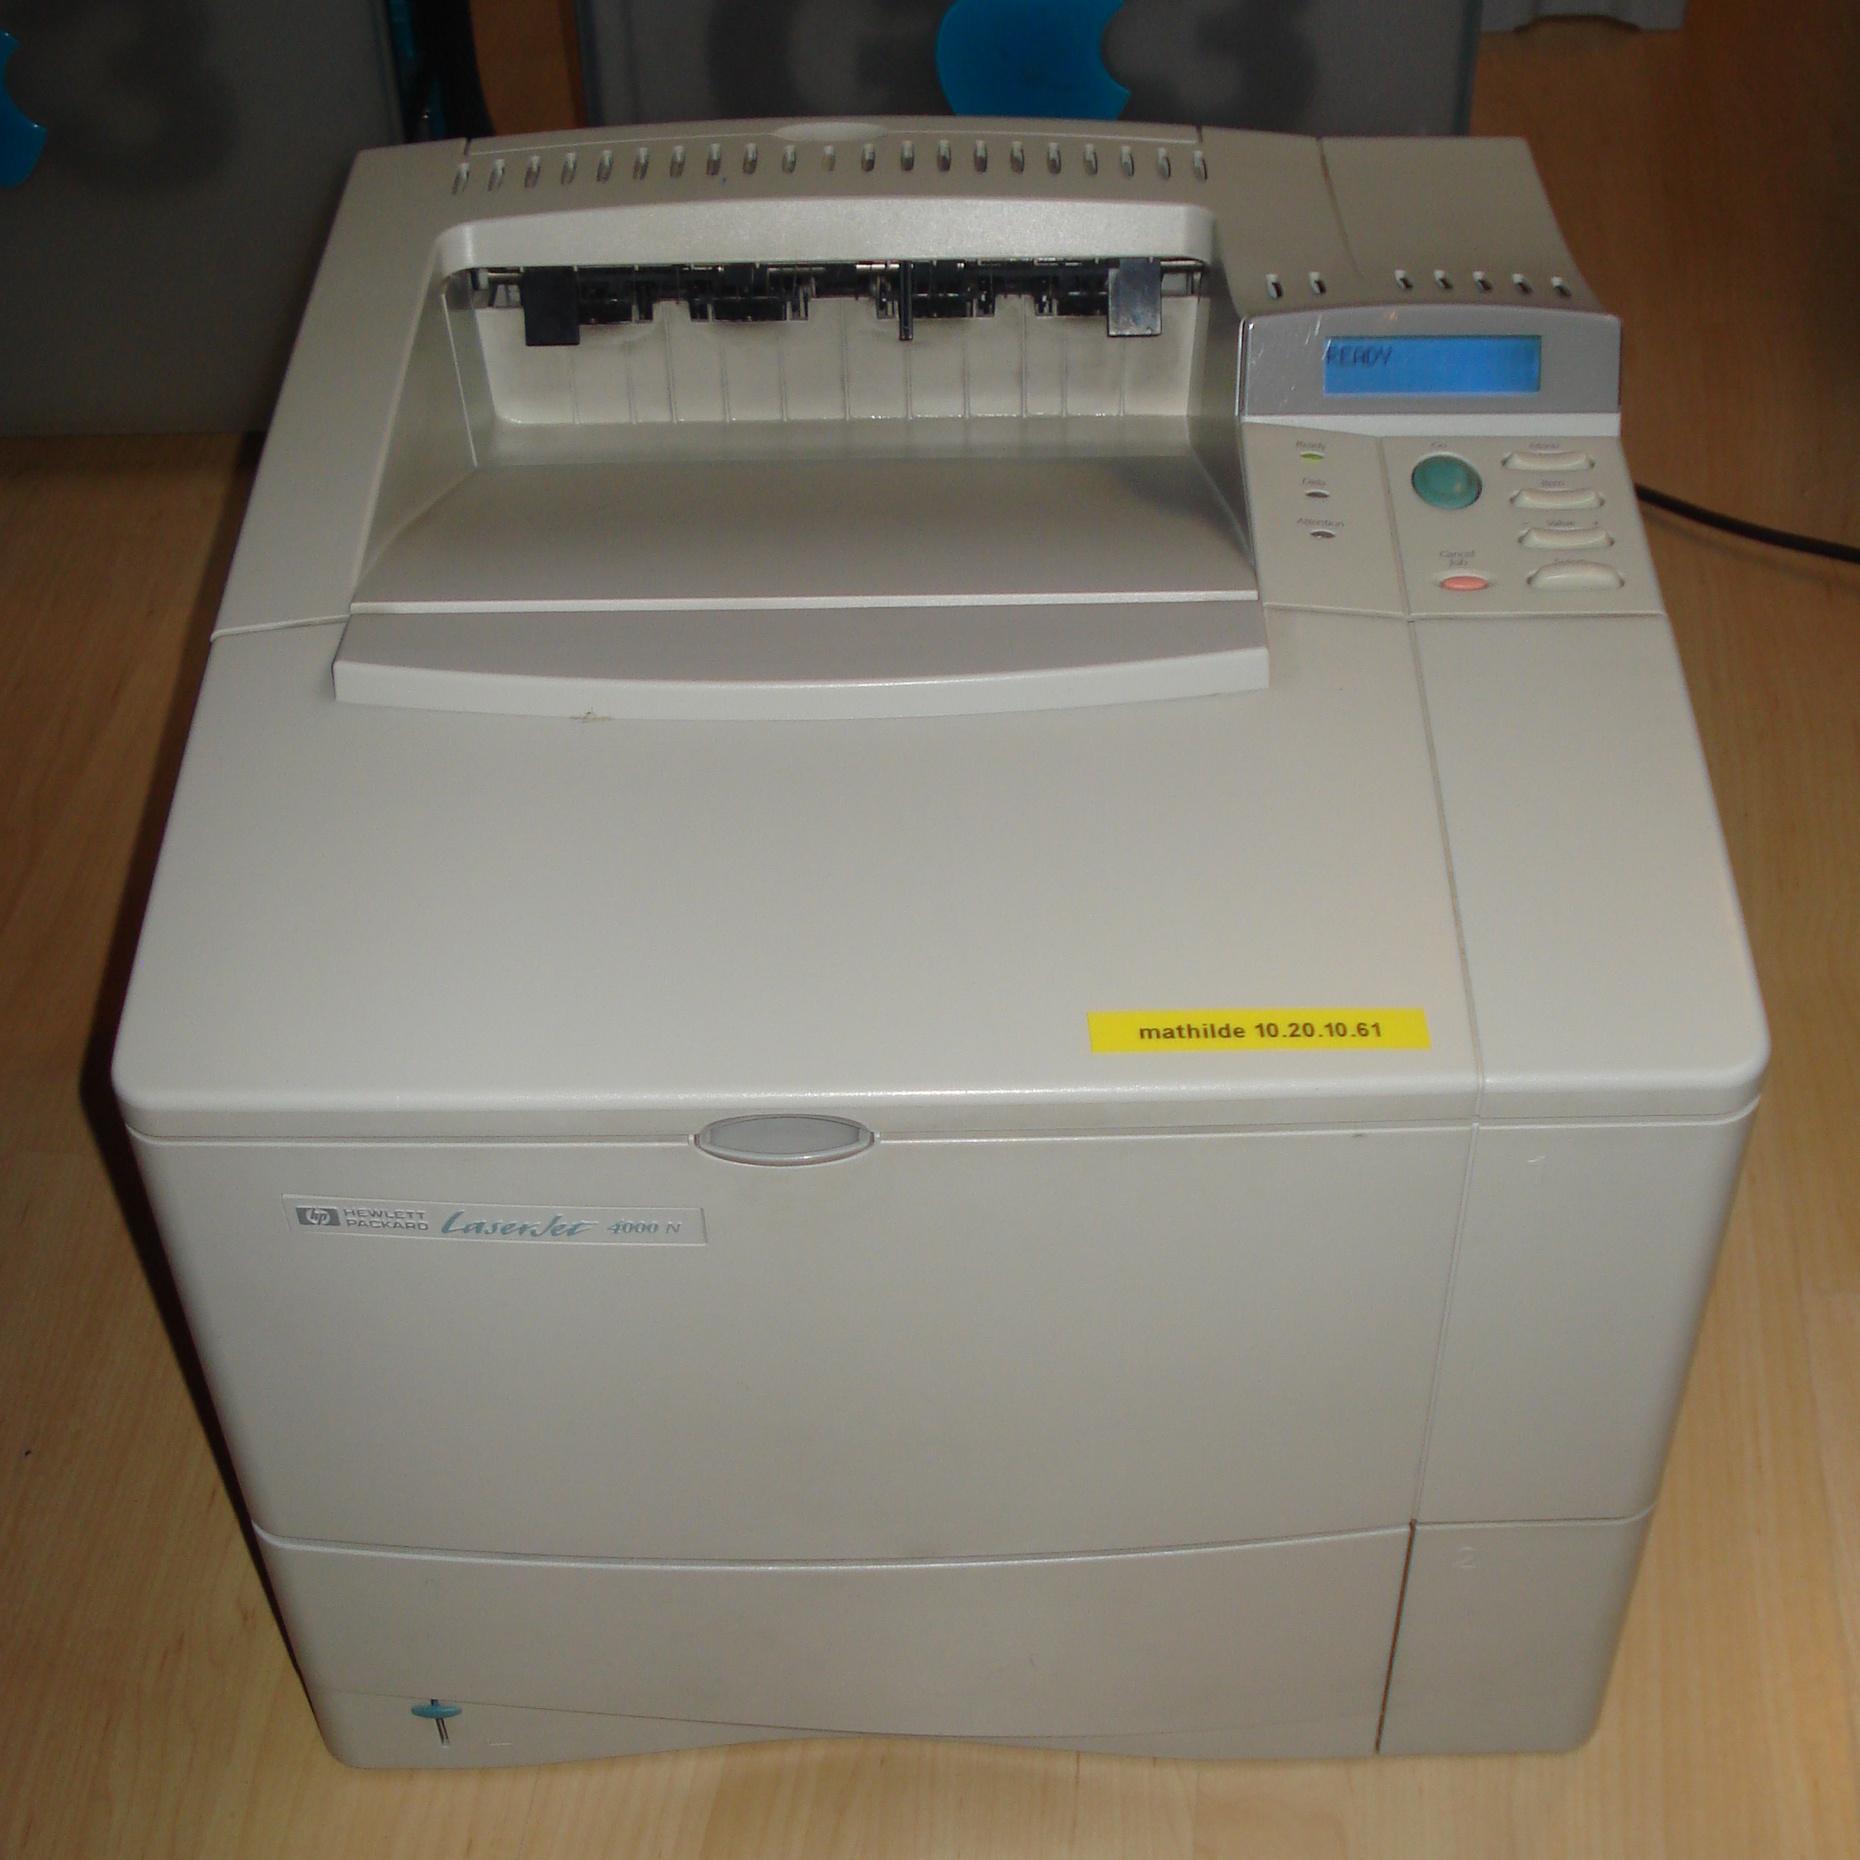 3д принтеры доклад по информатике 7835